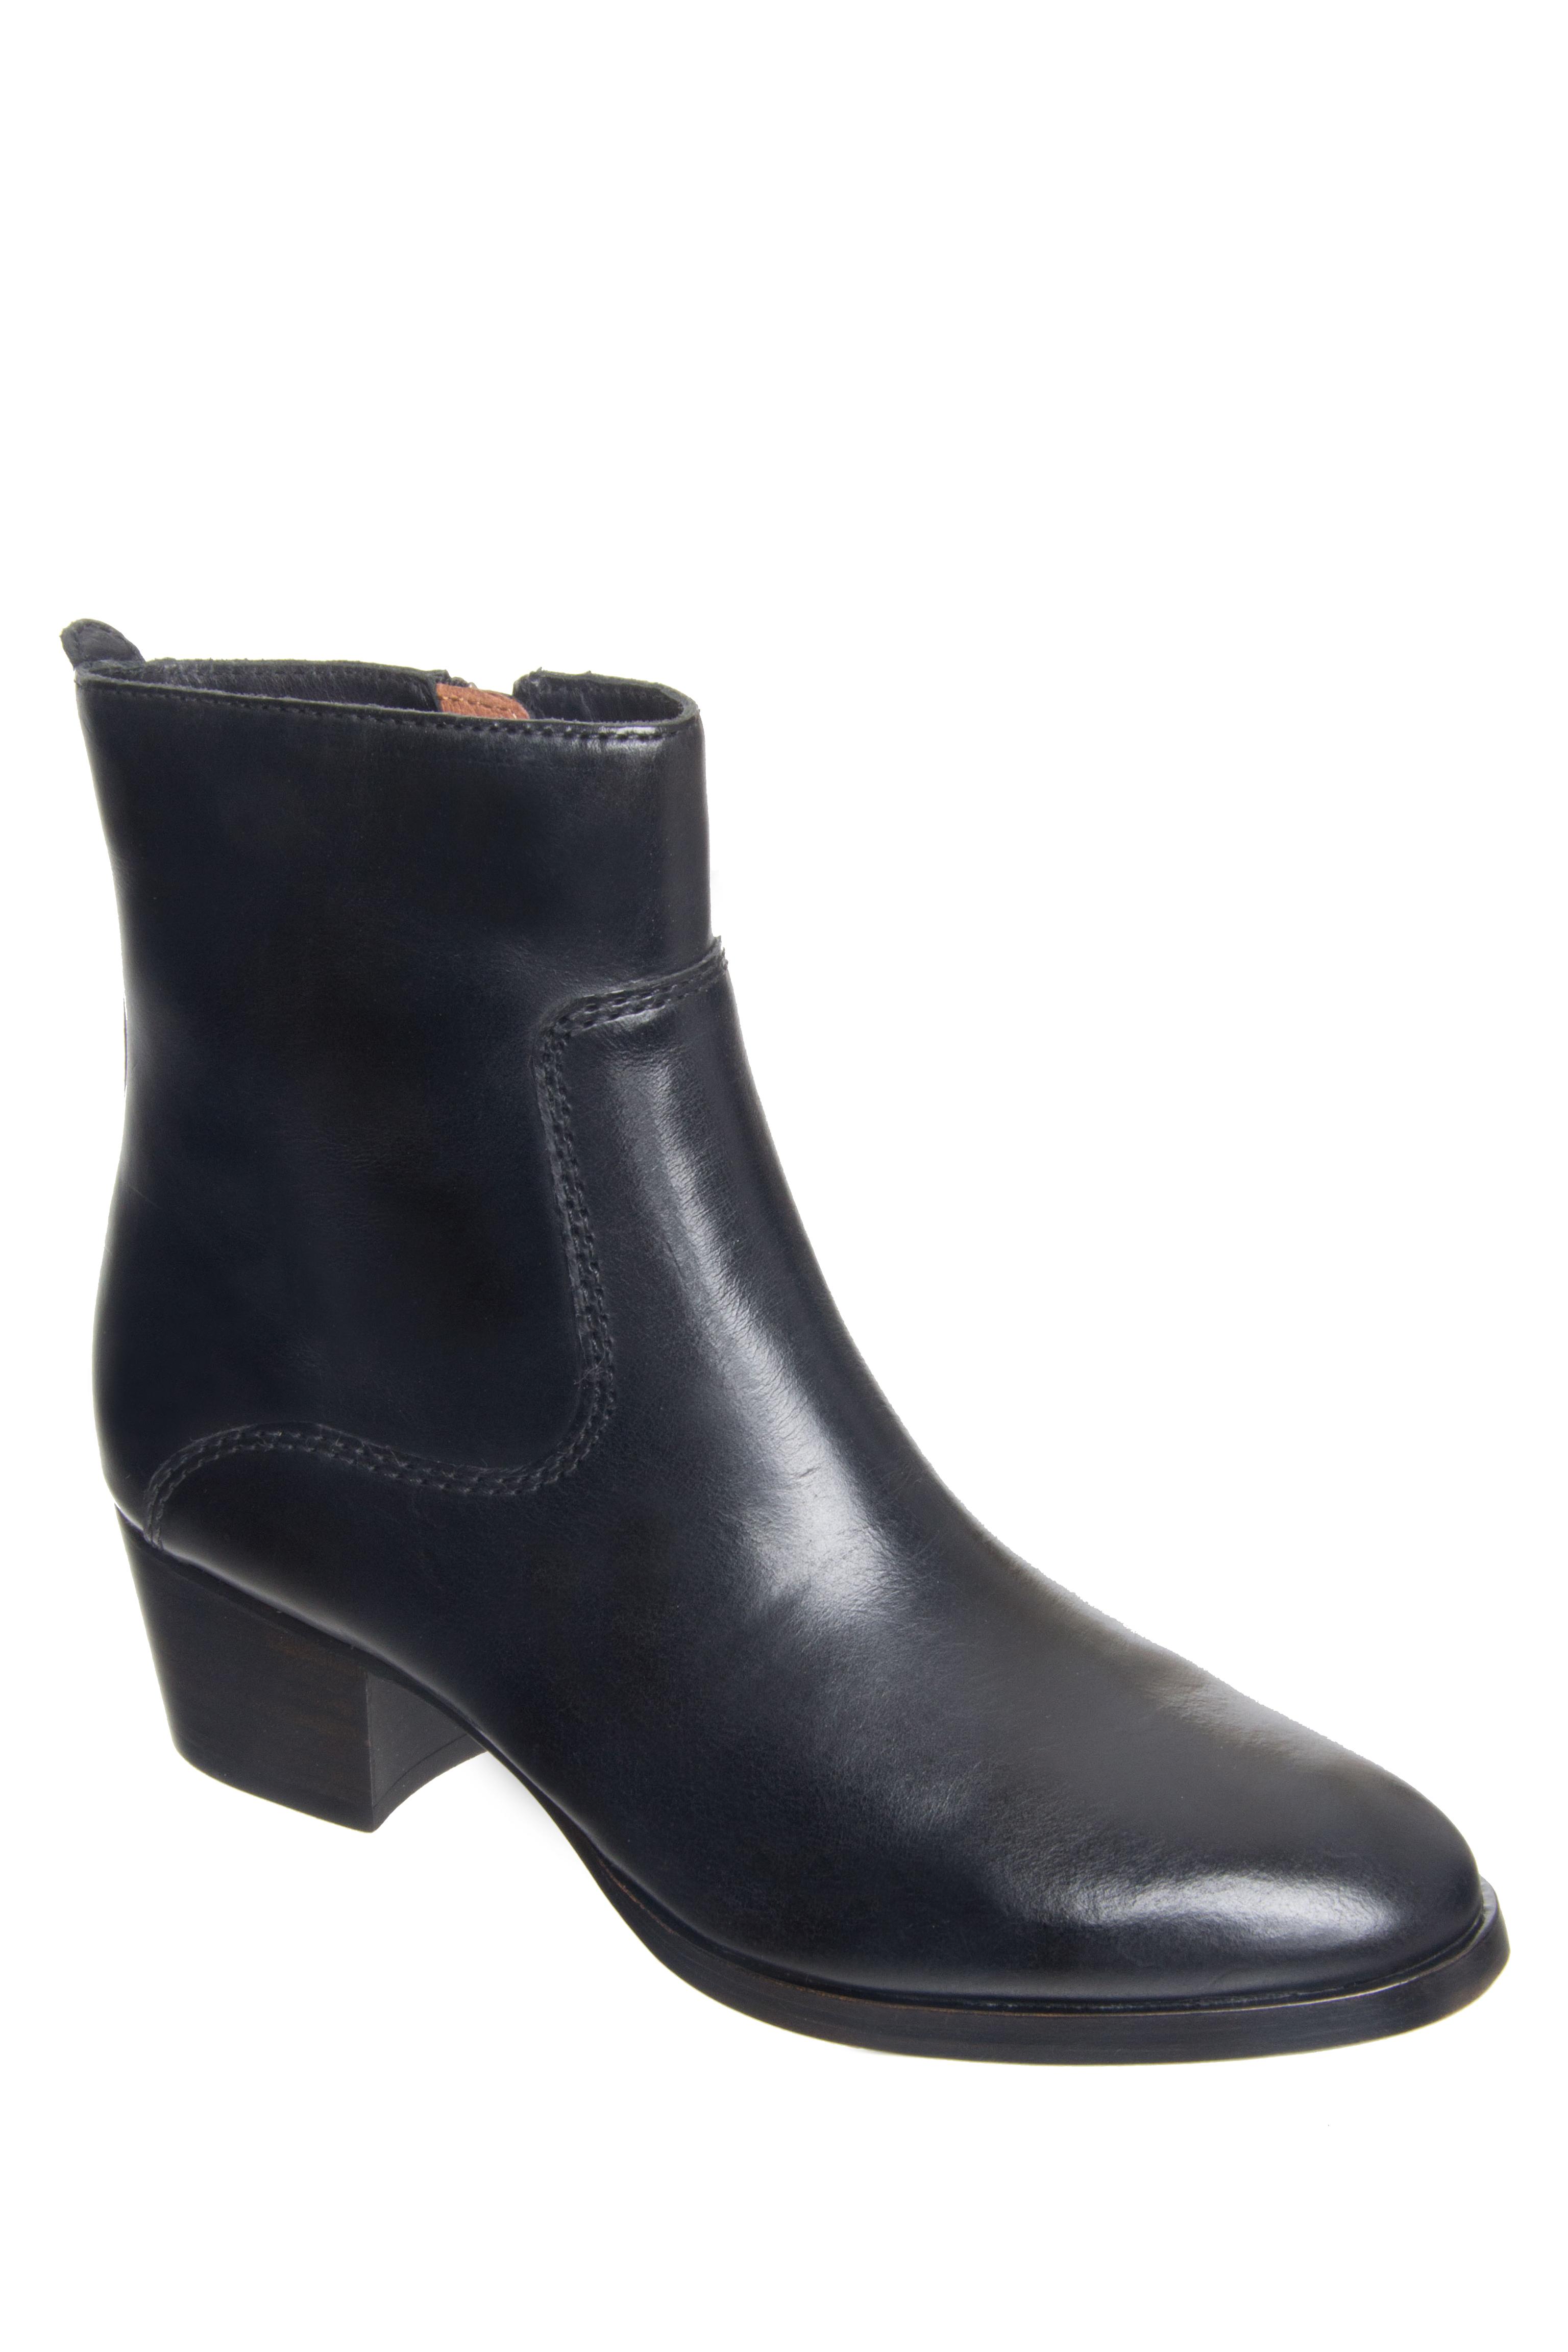 Frye Clara Zip Short Mid Heel Boots - Black